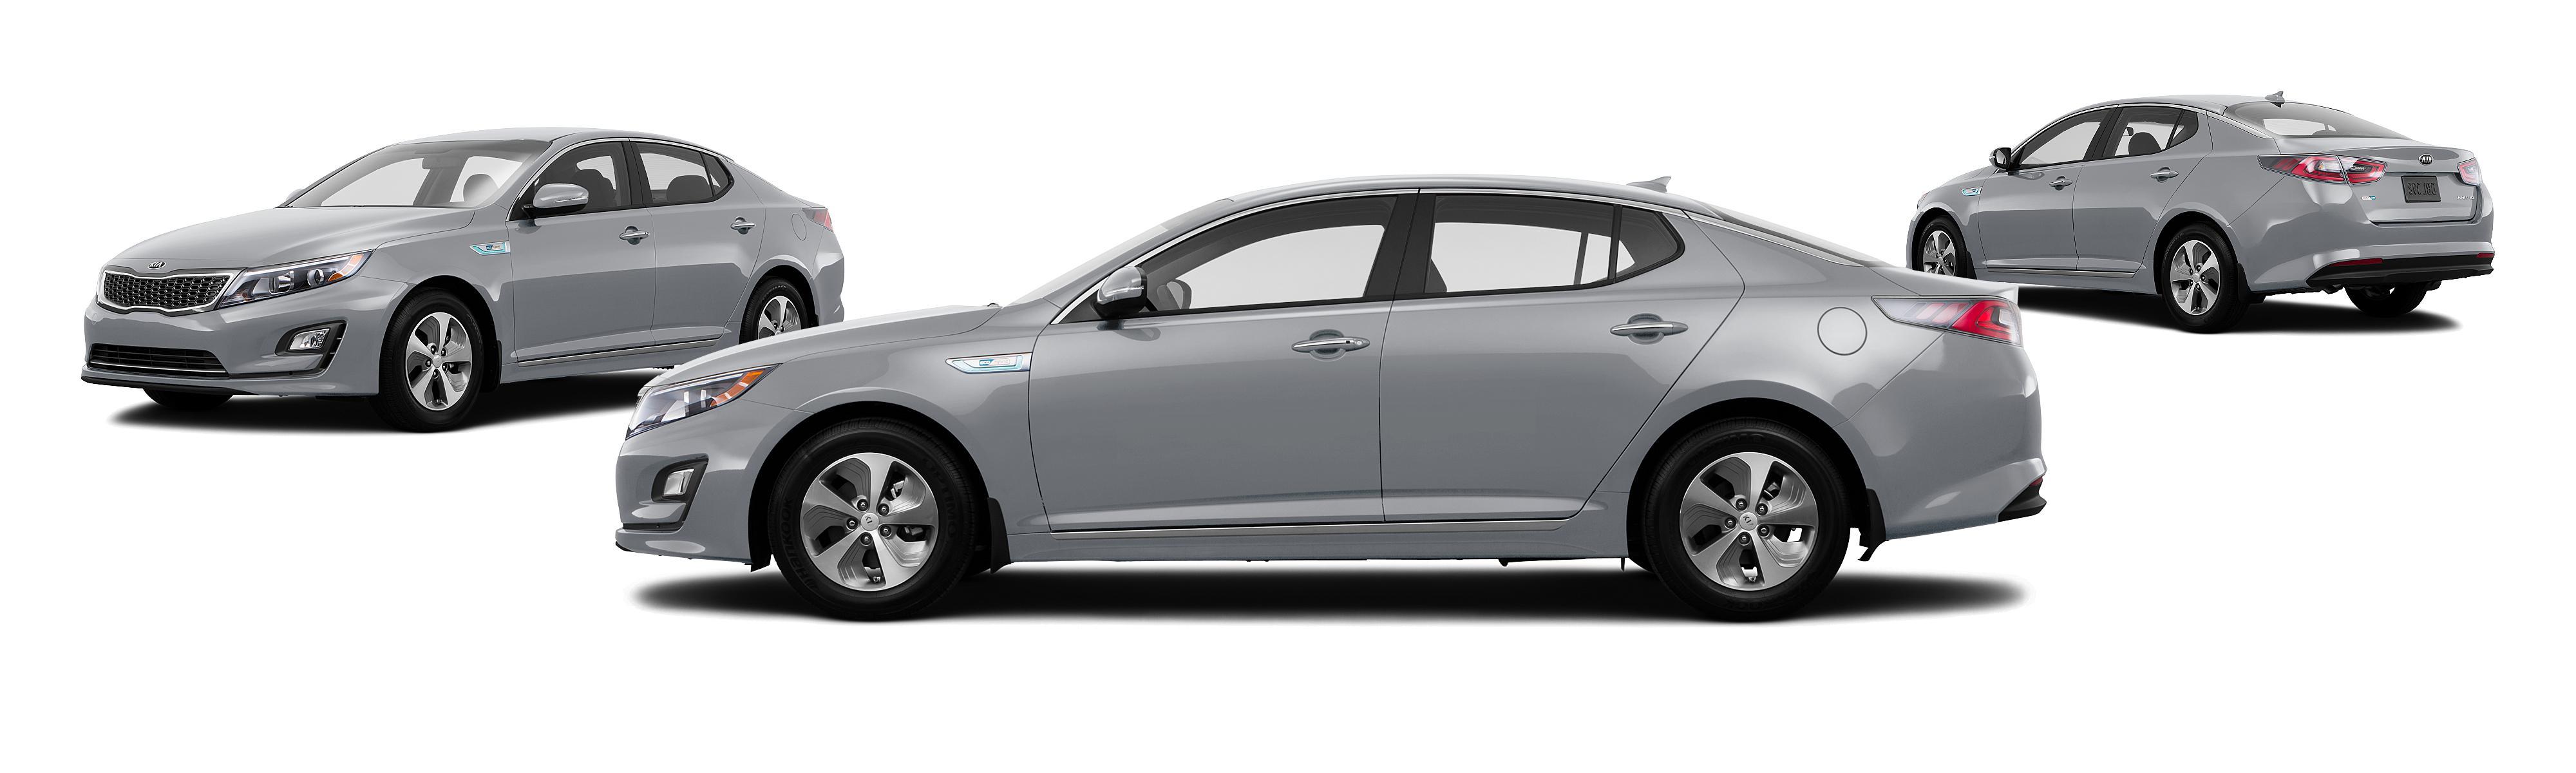 free optima white kia new hybrid